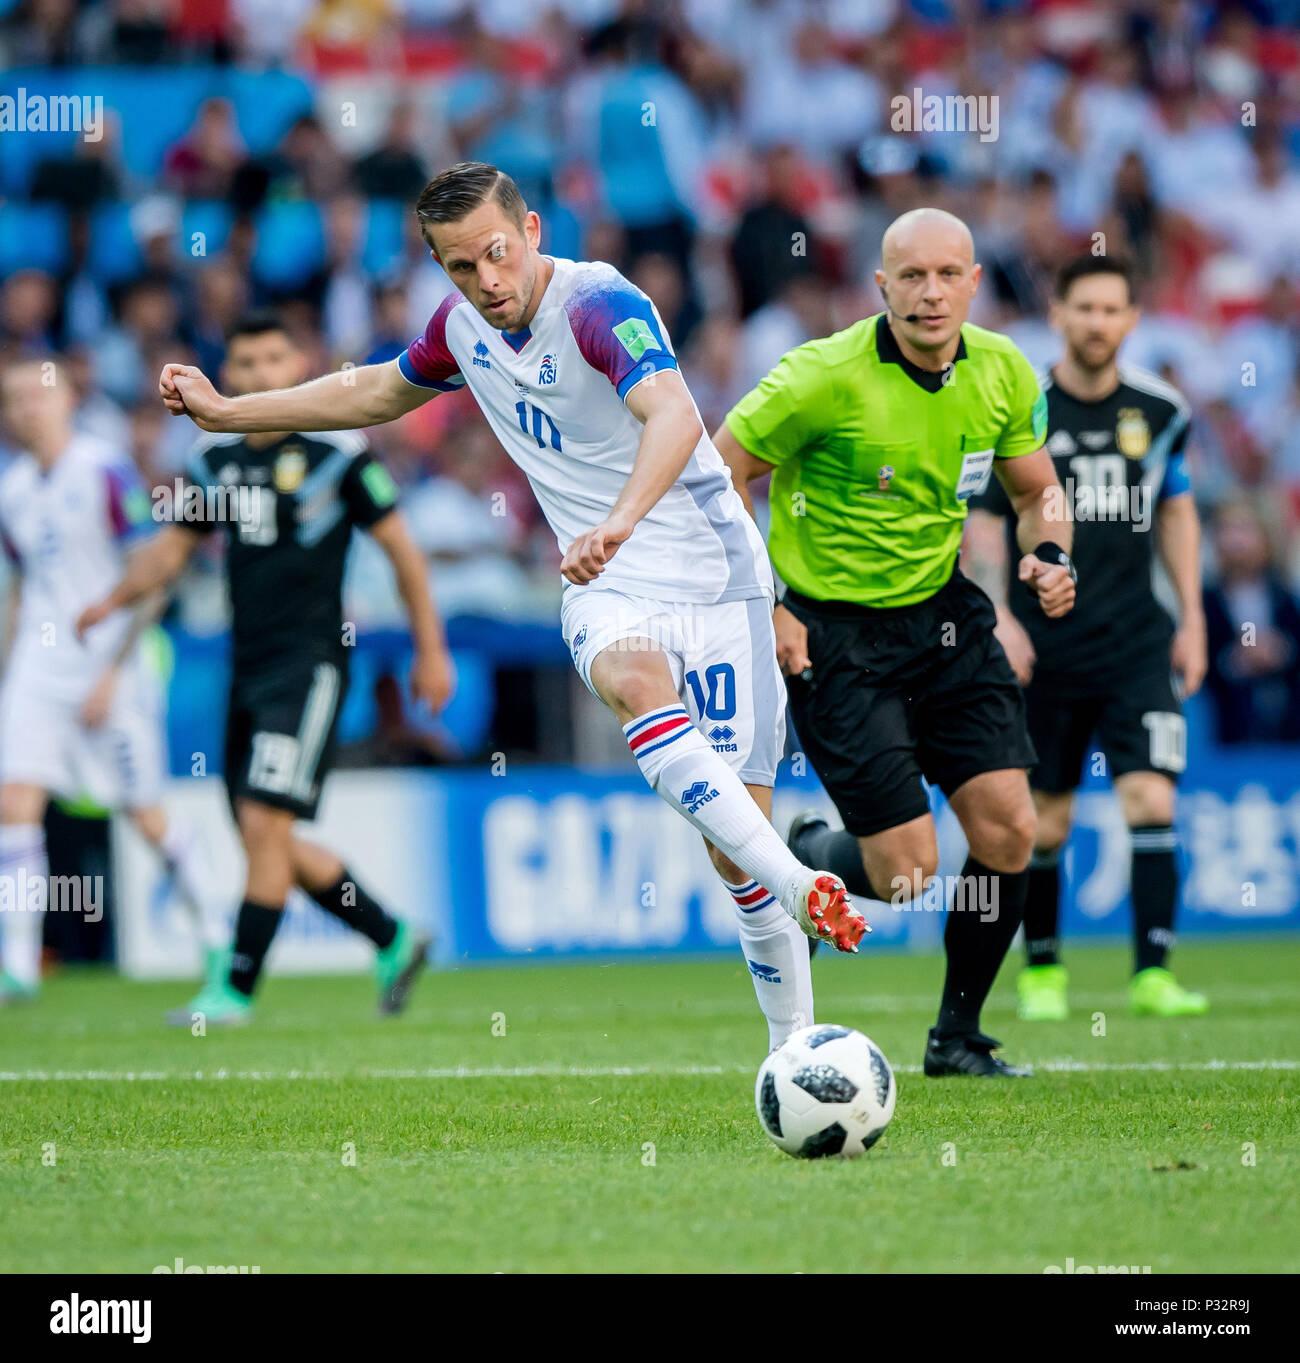 Gylfi Sigurdsson Island Ges Fussball Wm 2018 Russland